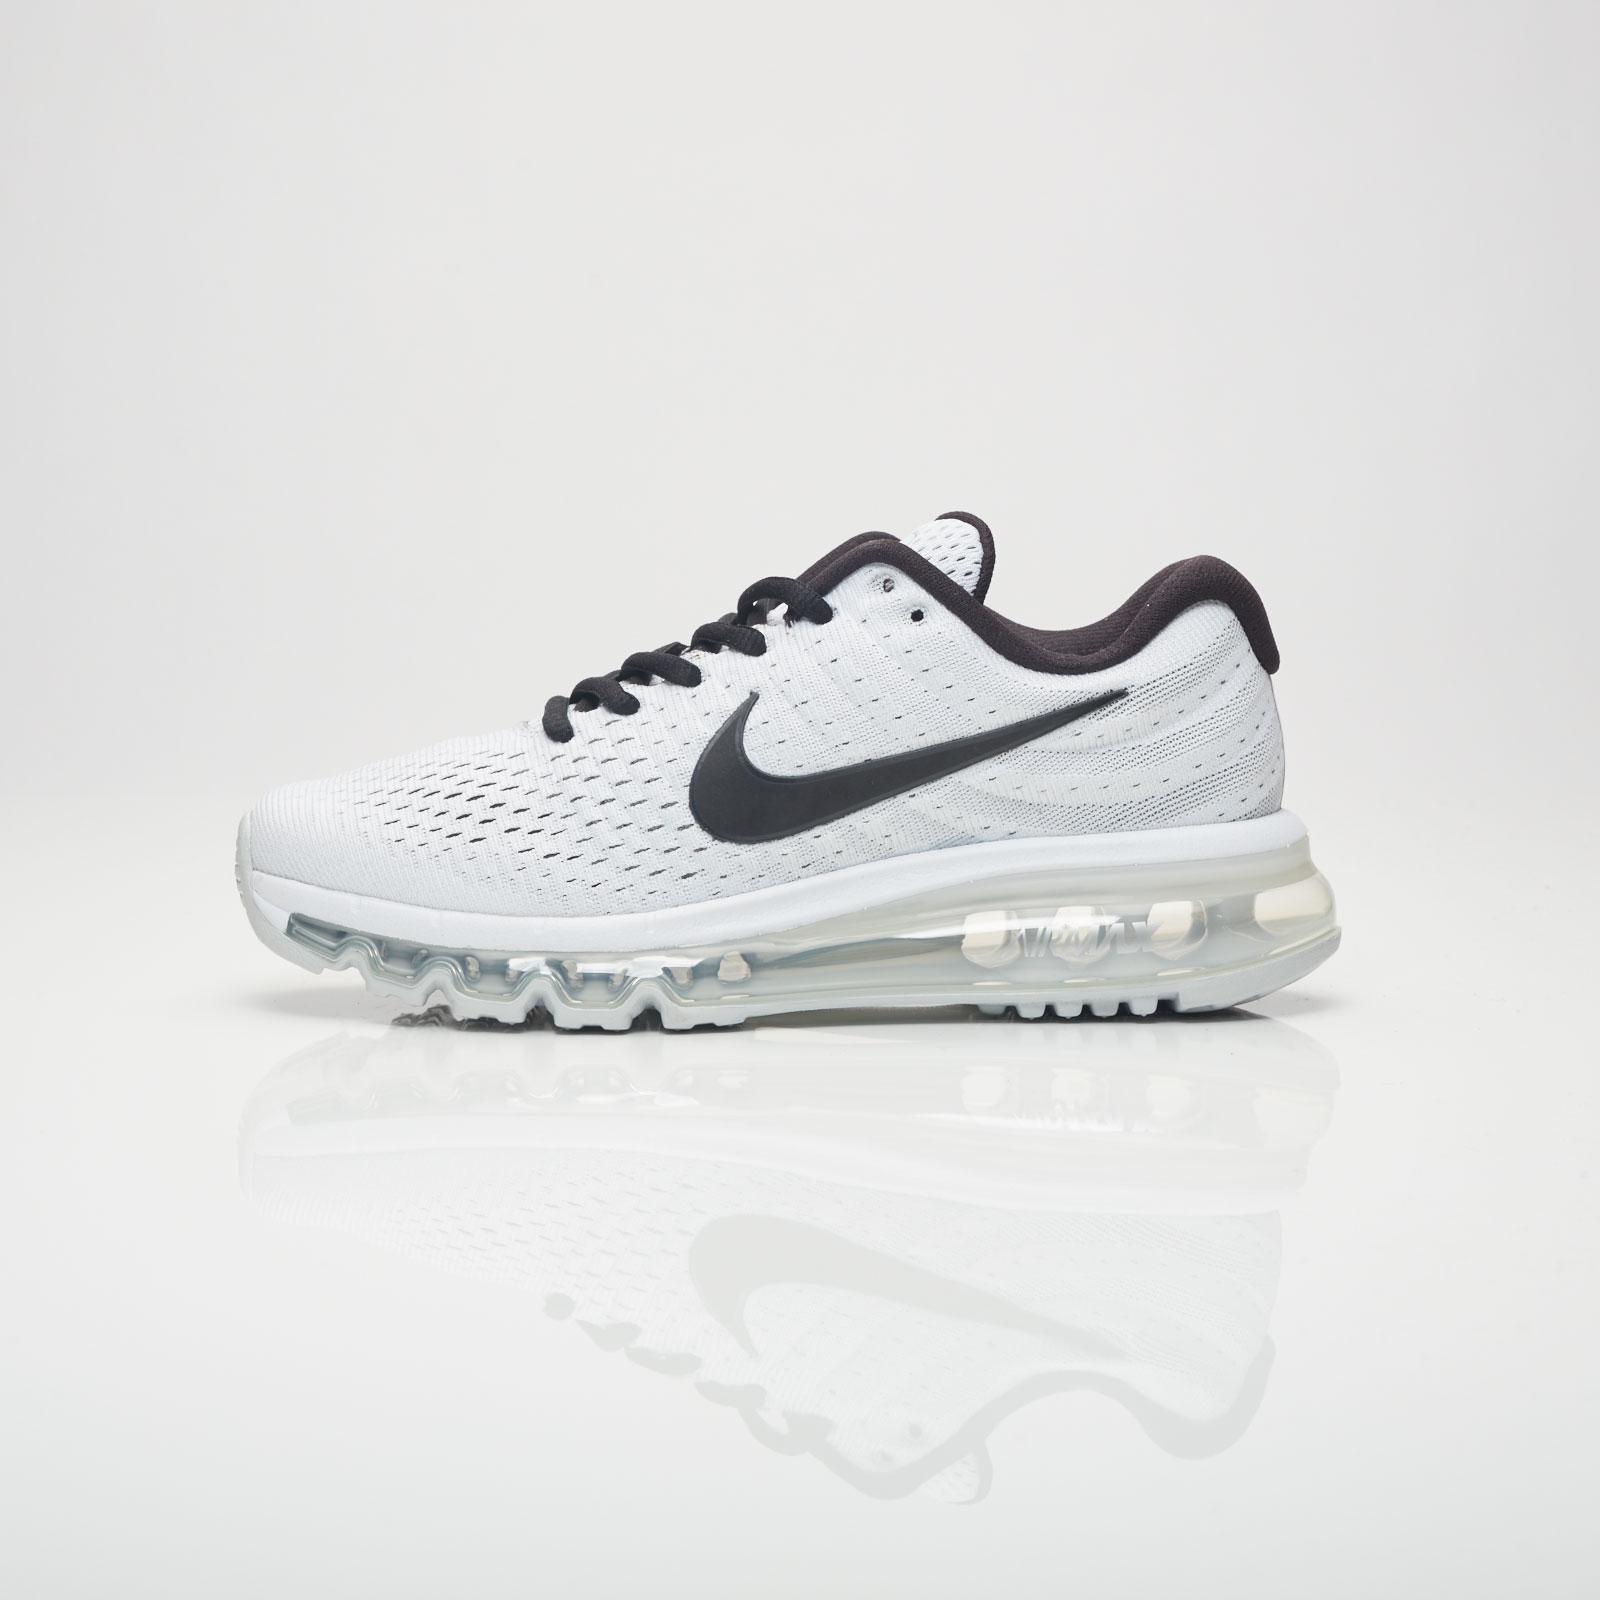 detailed look 907b9 8b611 Nike Wmns Air Max 2017 - 849560-100 - Sneakersnstuff ...